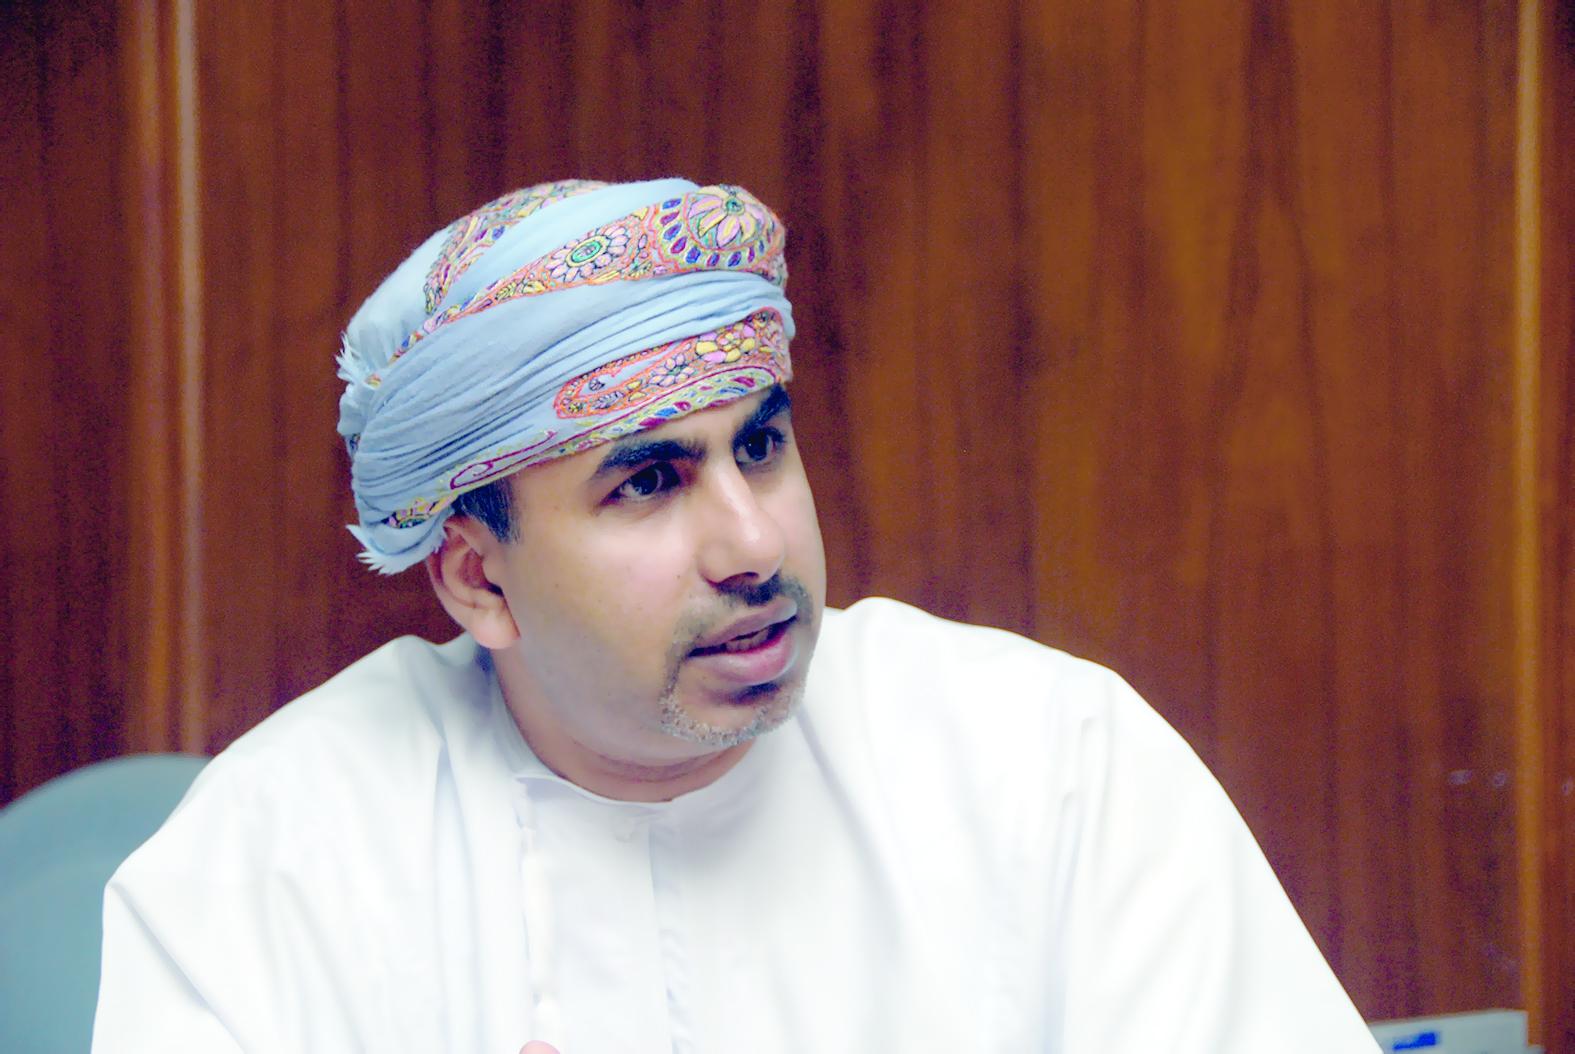 رئيس مجلس الاختصاصات الطبية:الطبيب العُماني أثبت جدارته علمياً وعملياً